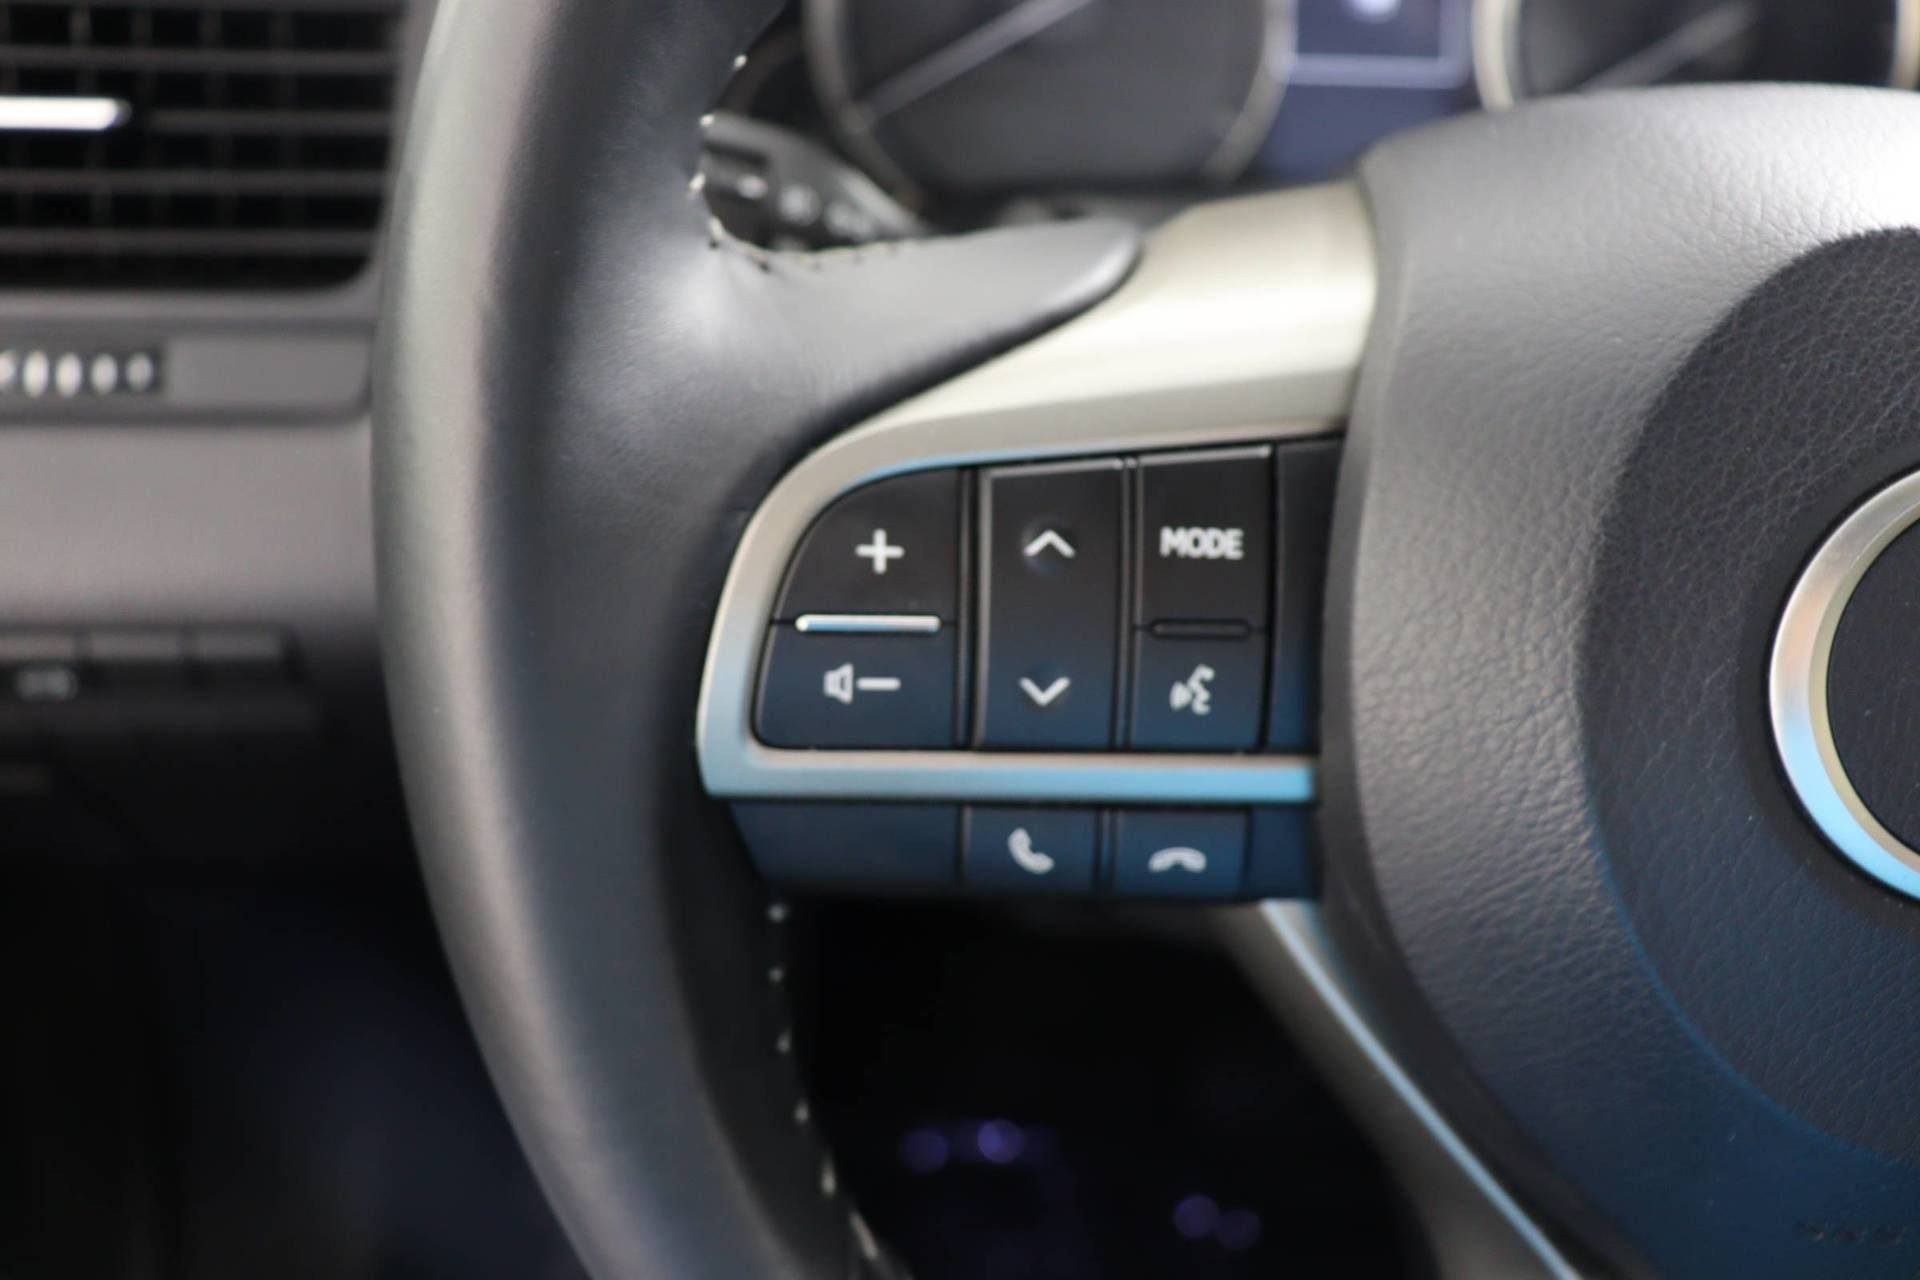 used vehicle - SUV LEXUS RX 2017